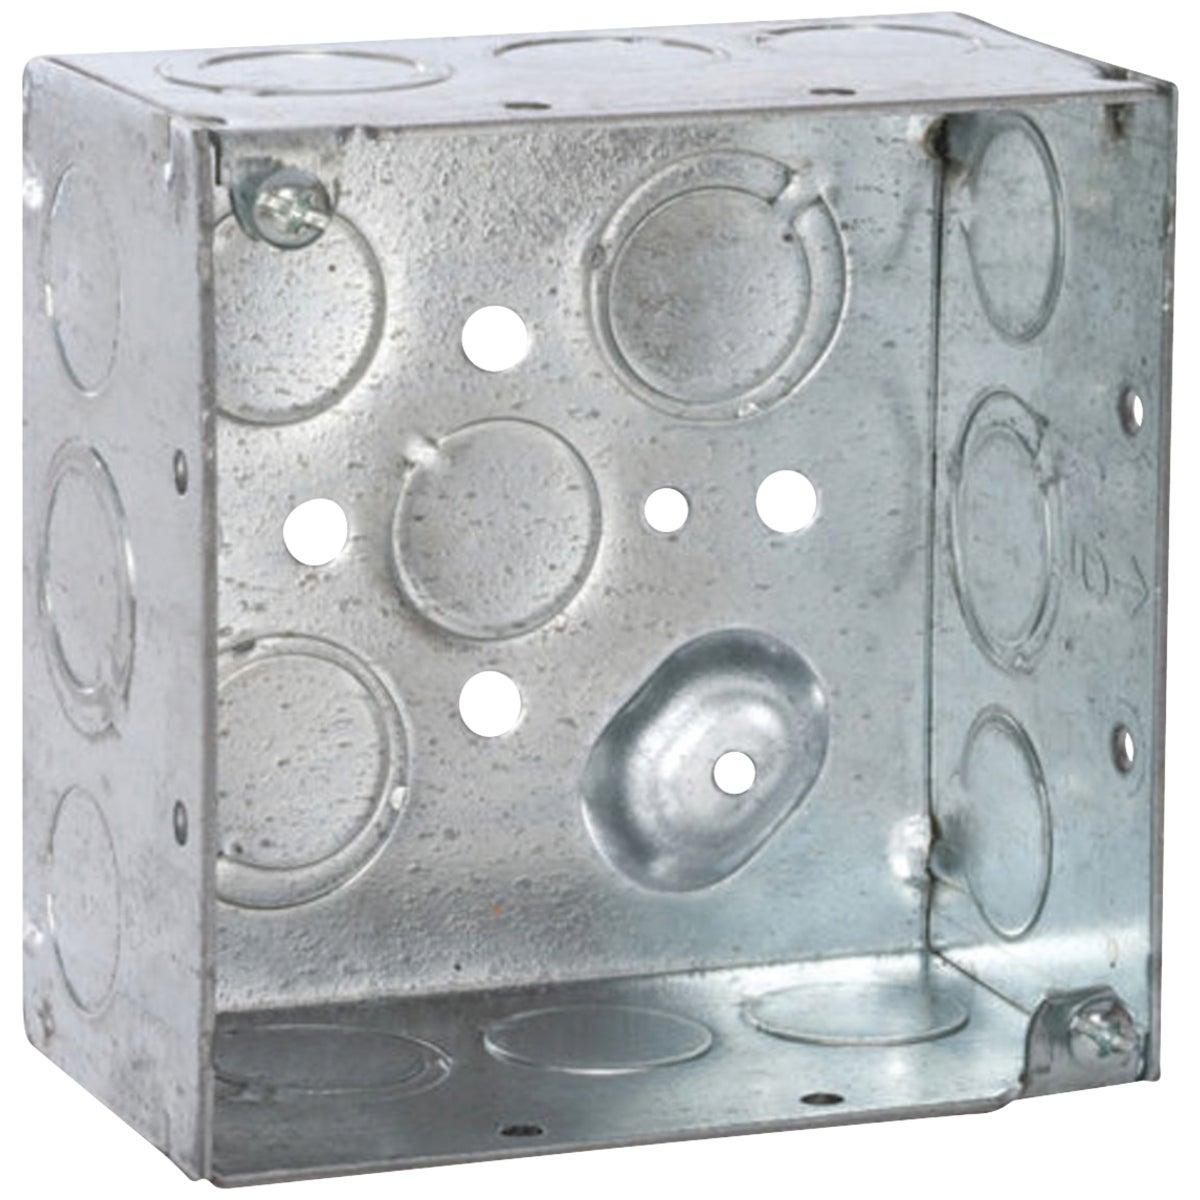 4X4X2-1/8 SQ BOX - 521711/23/4E30 by Thomas & Betts